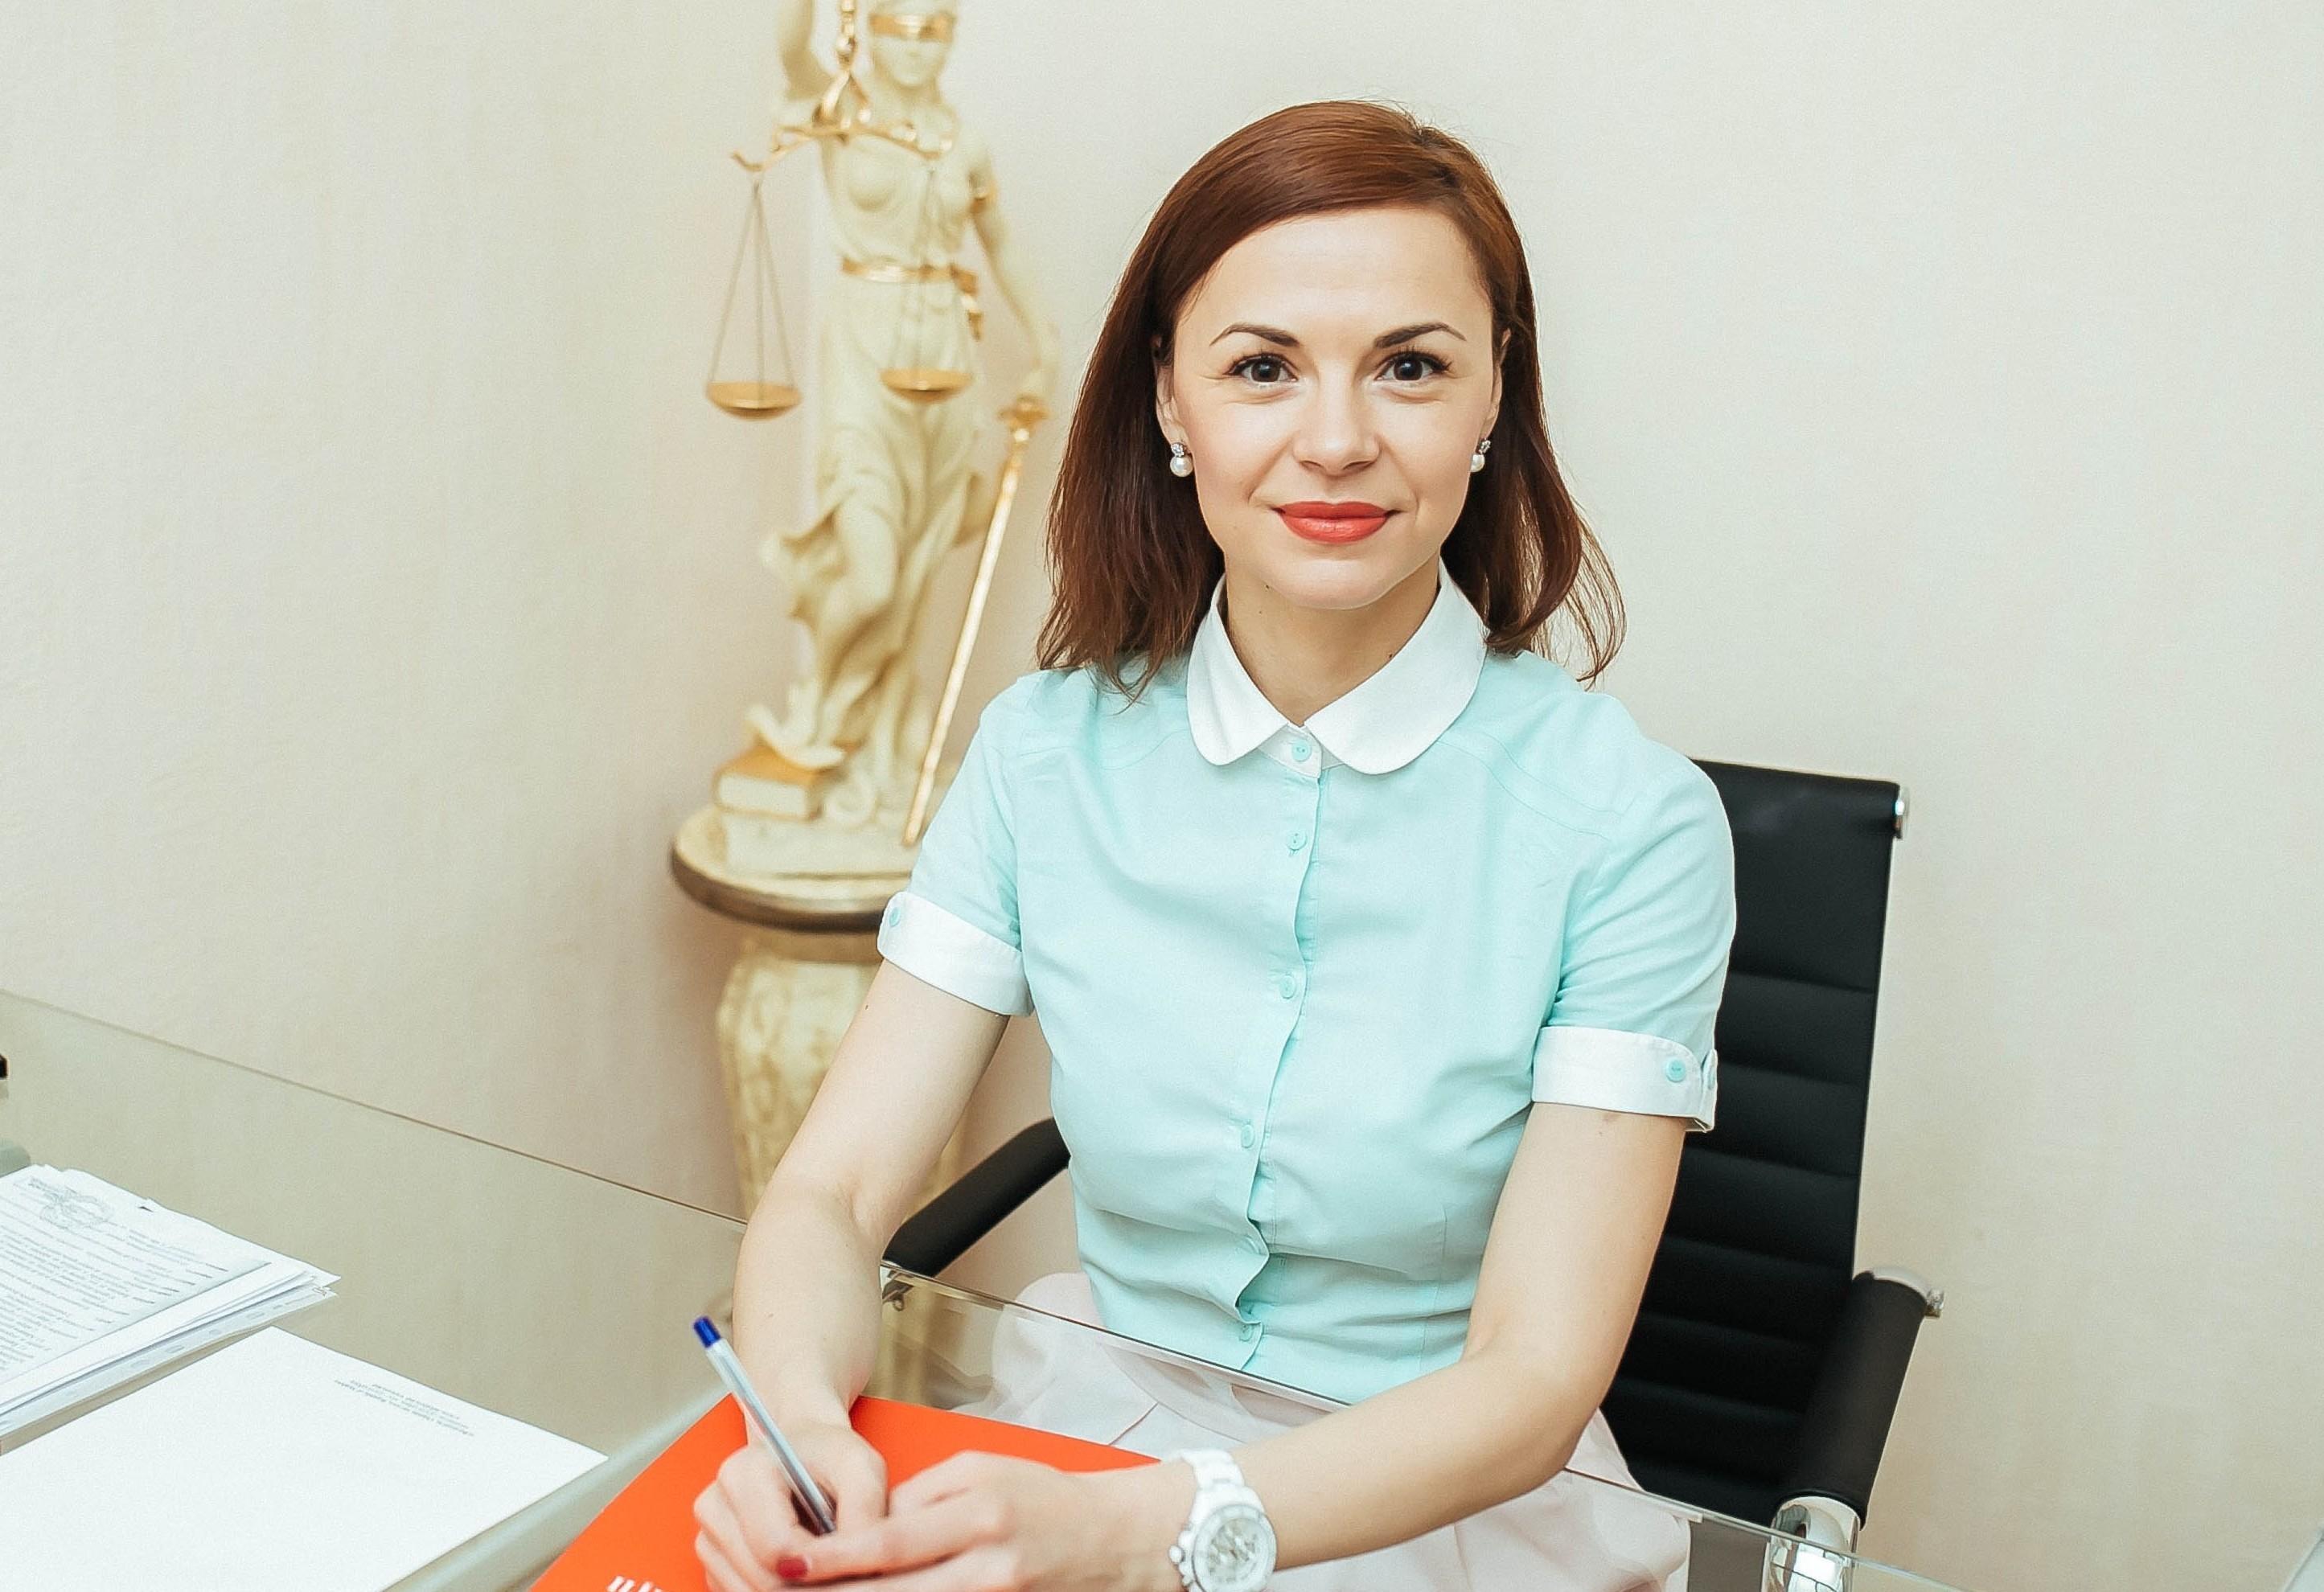 Cum obține un cetățean străin permis de muncă în Republica Moldova